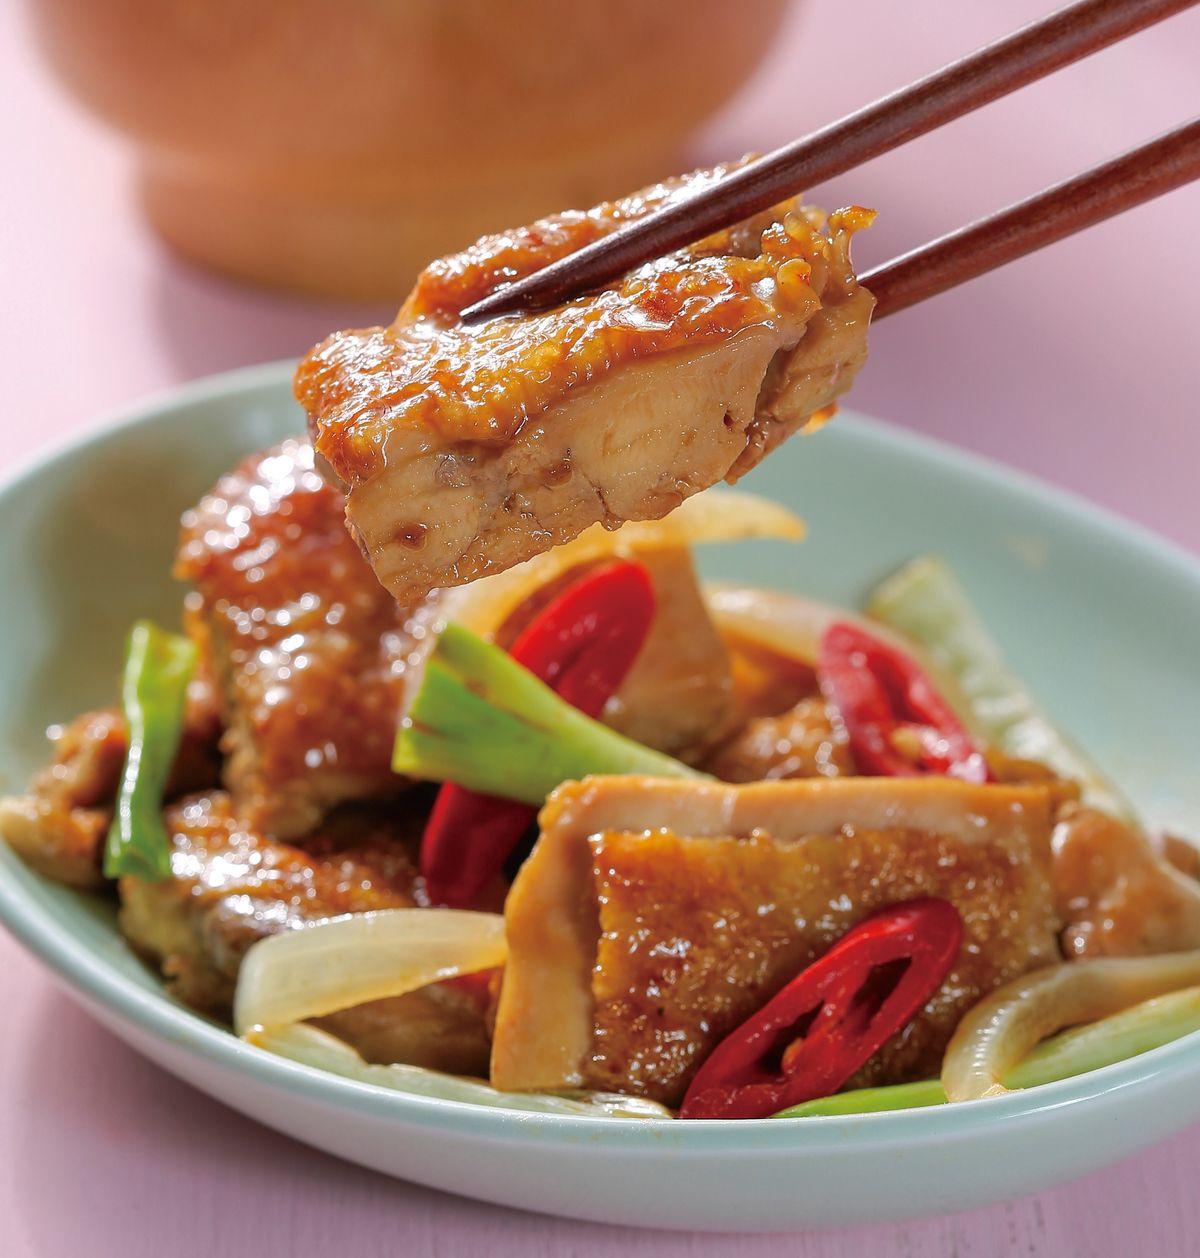 食譜:蔥燒雞排飯